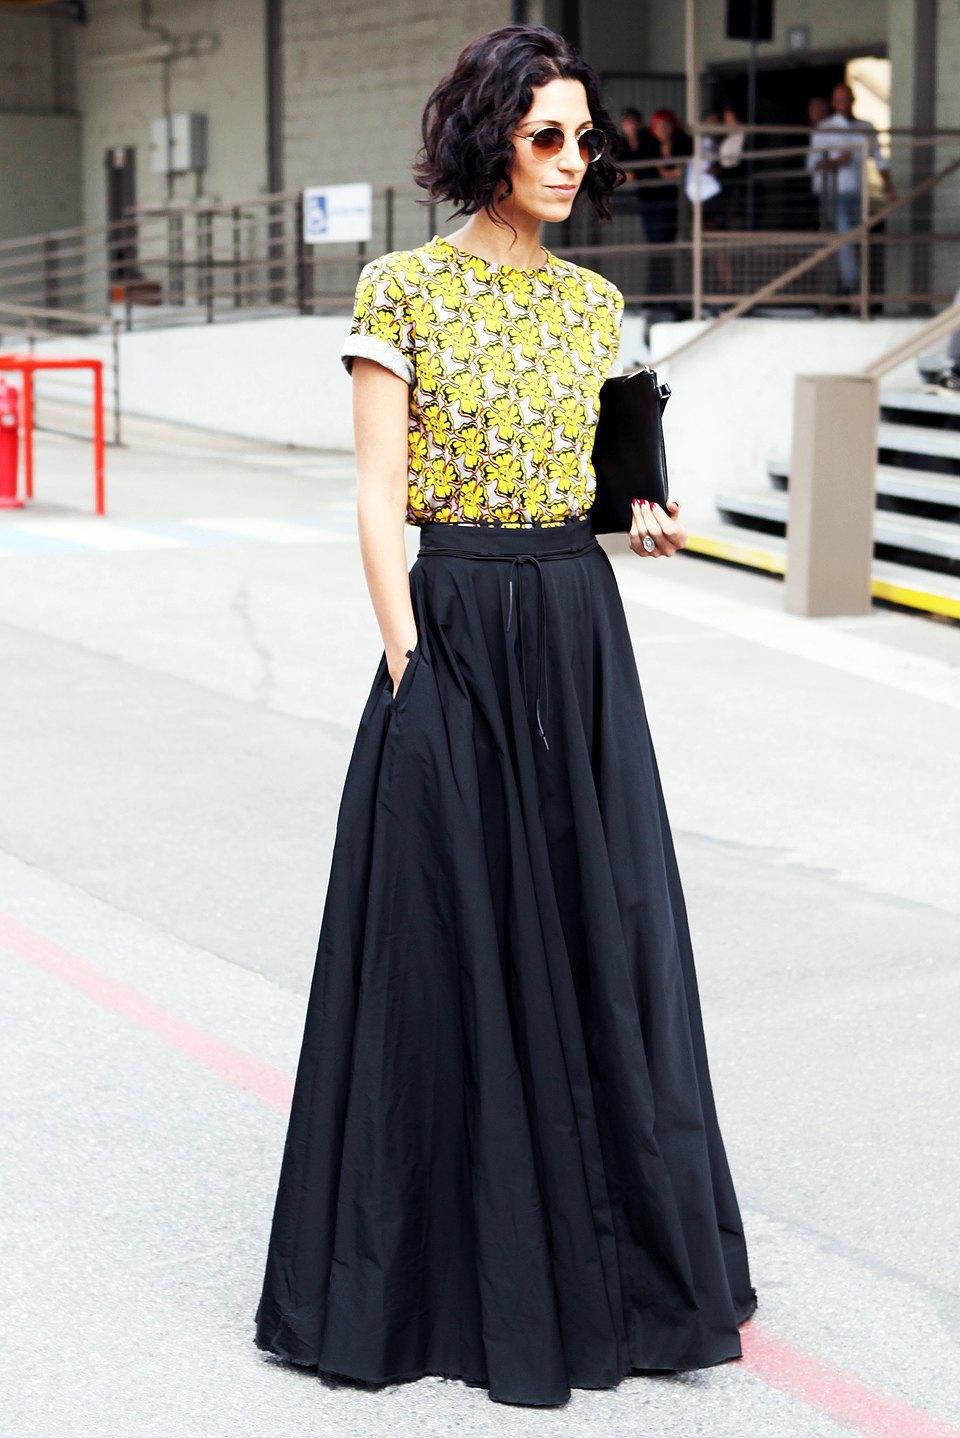 Кимоно, перья и сэтчелы на гостях показов Paris Fashion Week. Изображение № 7.